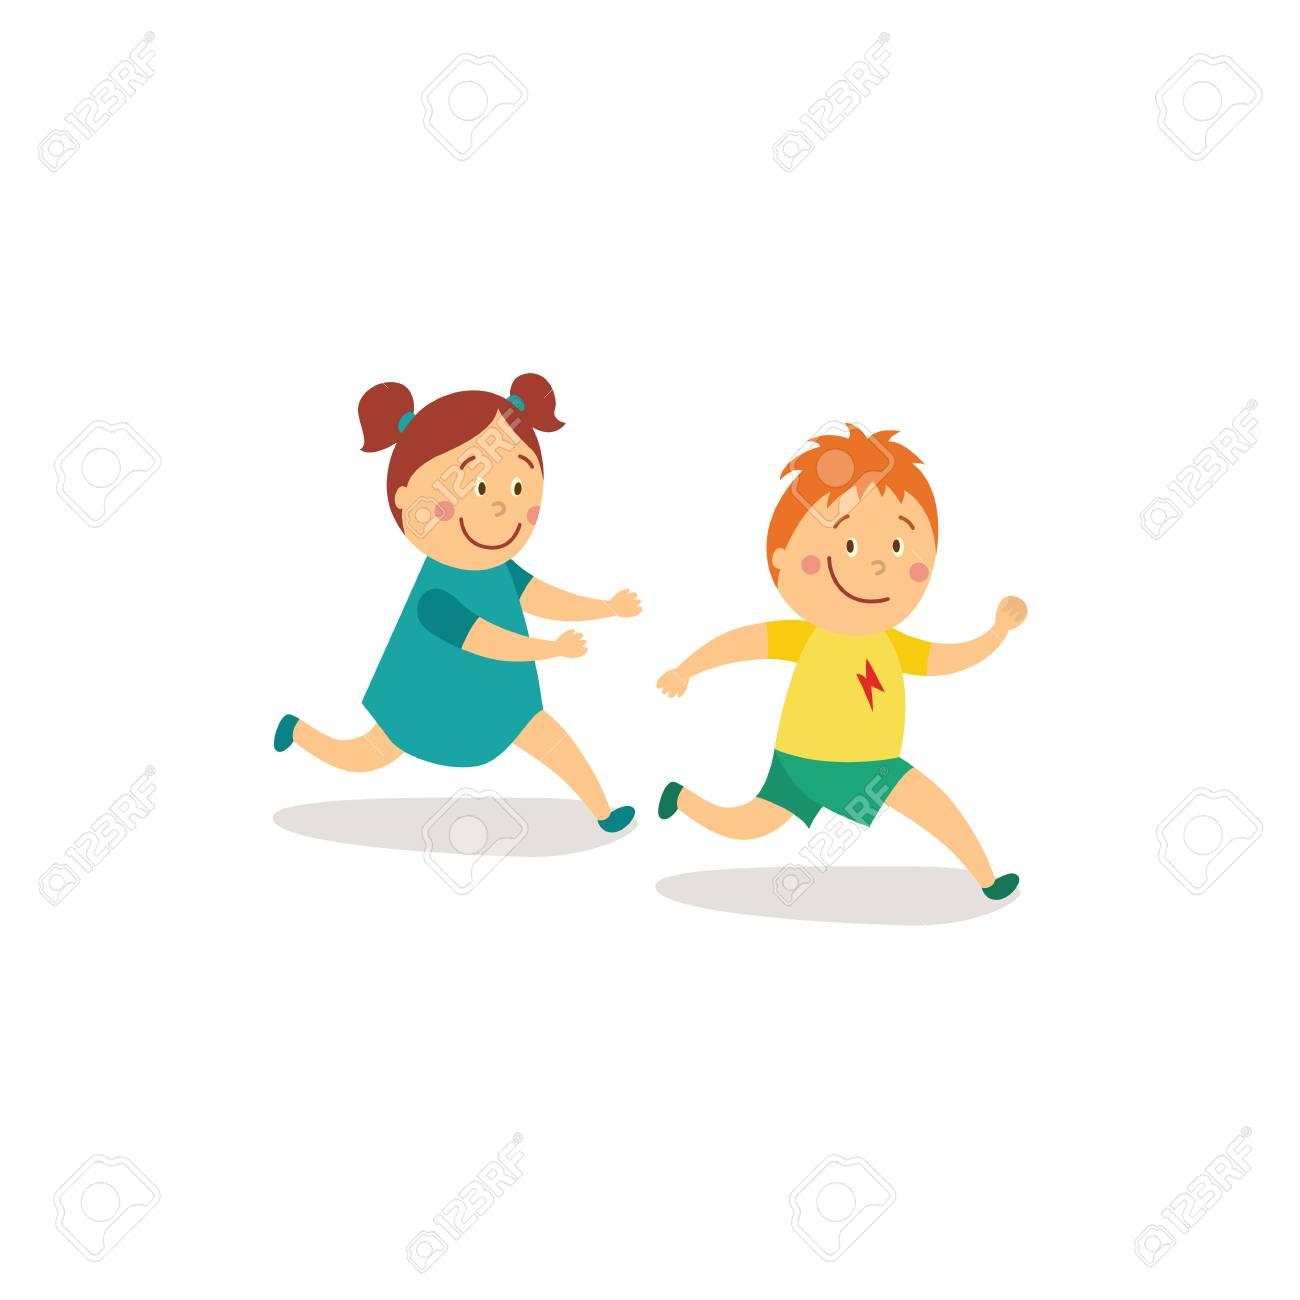 Vecteur Plat Dessin Animé Fille Et Garçon Enfants S'amusant En Rattrapage  Et Tag Jeu De Course Souriant Activité Des Enfants Dans Un Concept De Cour. dedans Jeux Course Enfant